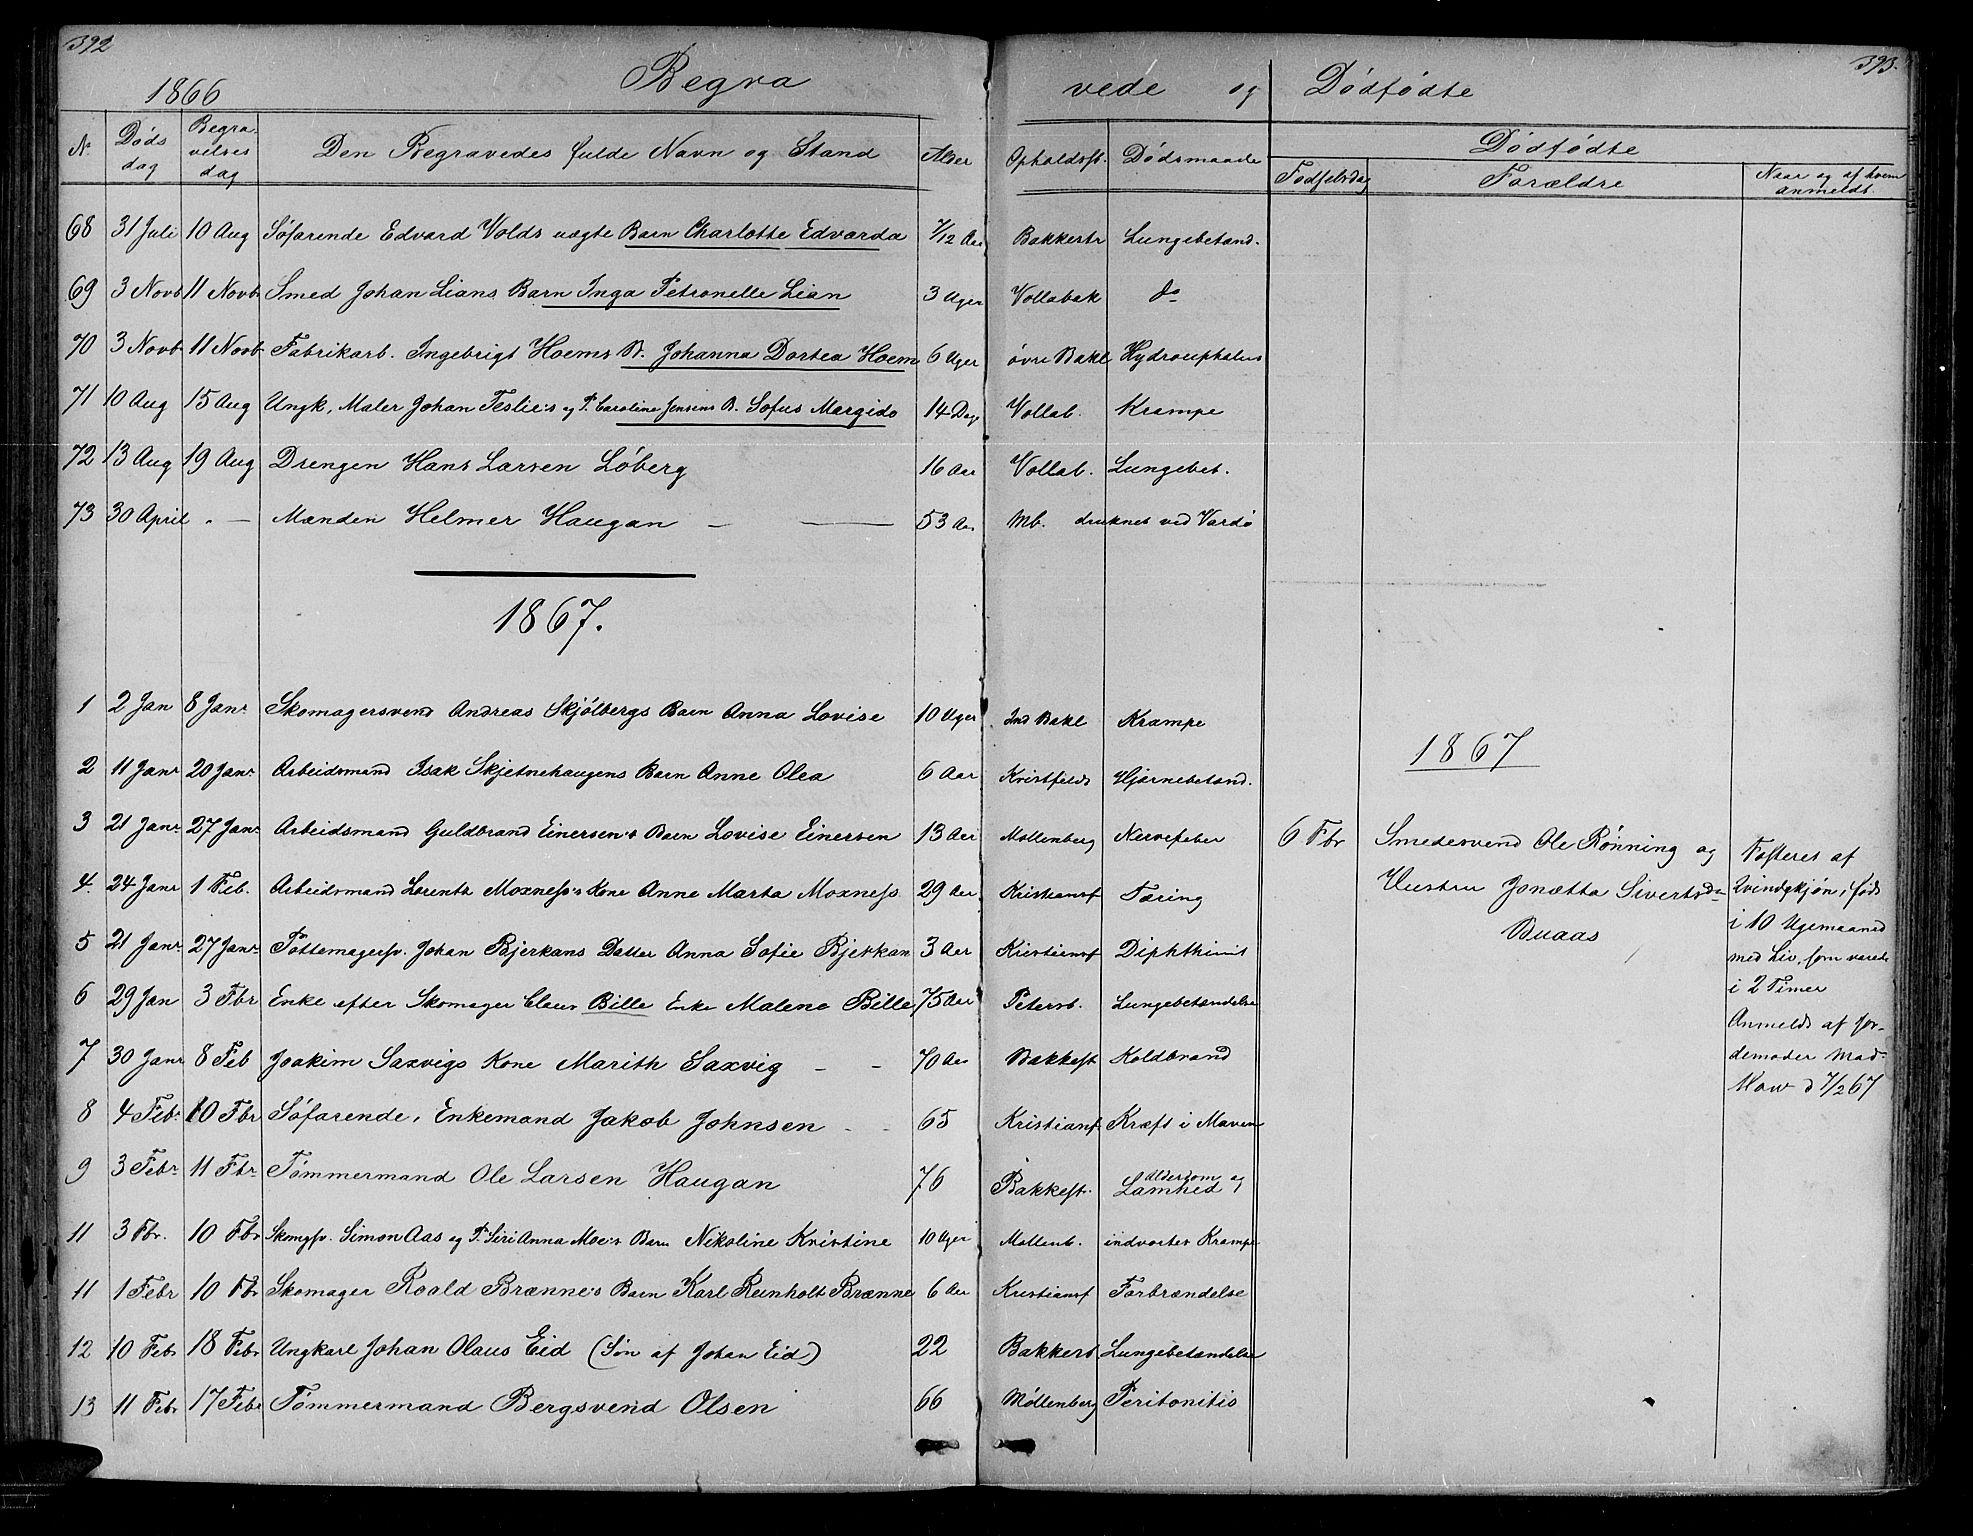 SAT, Ministerialprotokoller, klokkerbøker og fødselsregistre - Sør-Trøndelag, 604/L0219: Klokkerbok nr. 604C02, 1851-1869, s. 392-393